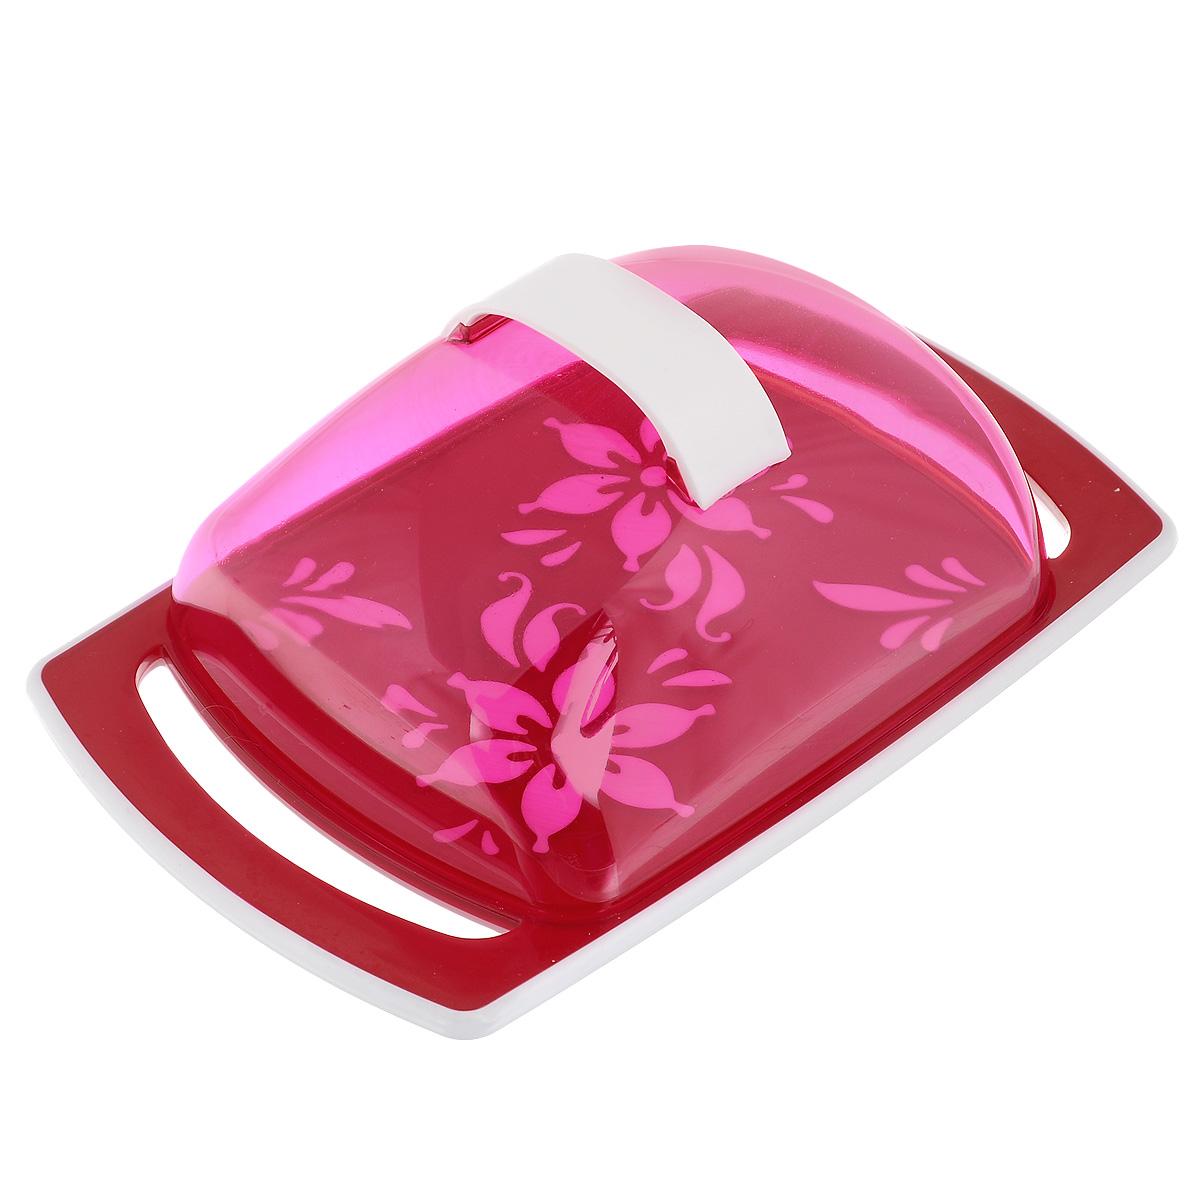 Масленка Альтернатива Премьера, цвет: красныйM1966Масленка Альтернатива Премьера идеально подходит для хранения масла и сервировки стола. Масленка состоит из подноса, выполненного из пластика, и прозрачной пластиковой крышки с ручкой. Благодаря специальным выемкам крышка плотно устанавливается на поднос. Поднос масленки украшен яркими цветами. Масло в такой масленке долго остается свежим, а при хранении в холодильнике не впитывает посторонние запахи. Рекомендации по использованию: - Не используйте для чистки абразивные моющие средства. - Берегите крышку от нагревания. - Хранить вдали от источников тепла. - При отрезании масла избегайте сильных воздействий на основание масленки во избежание ее повреждения. Размер масленки: 18 см х 11,5 см х 5,5 см.